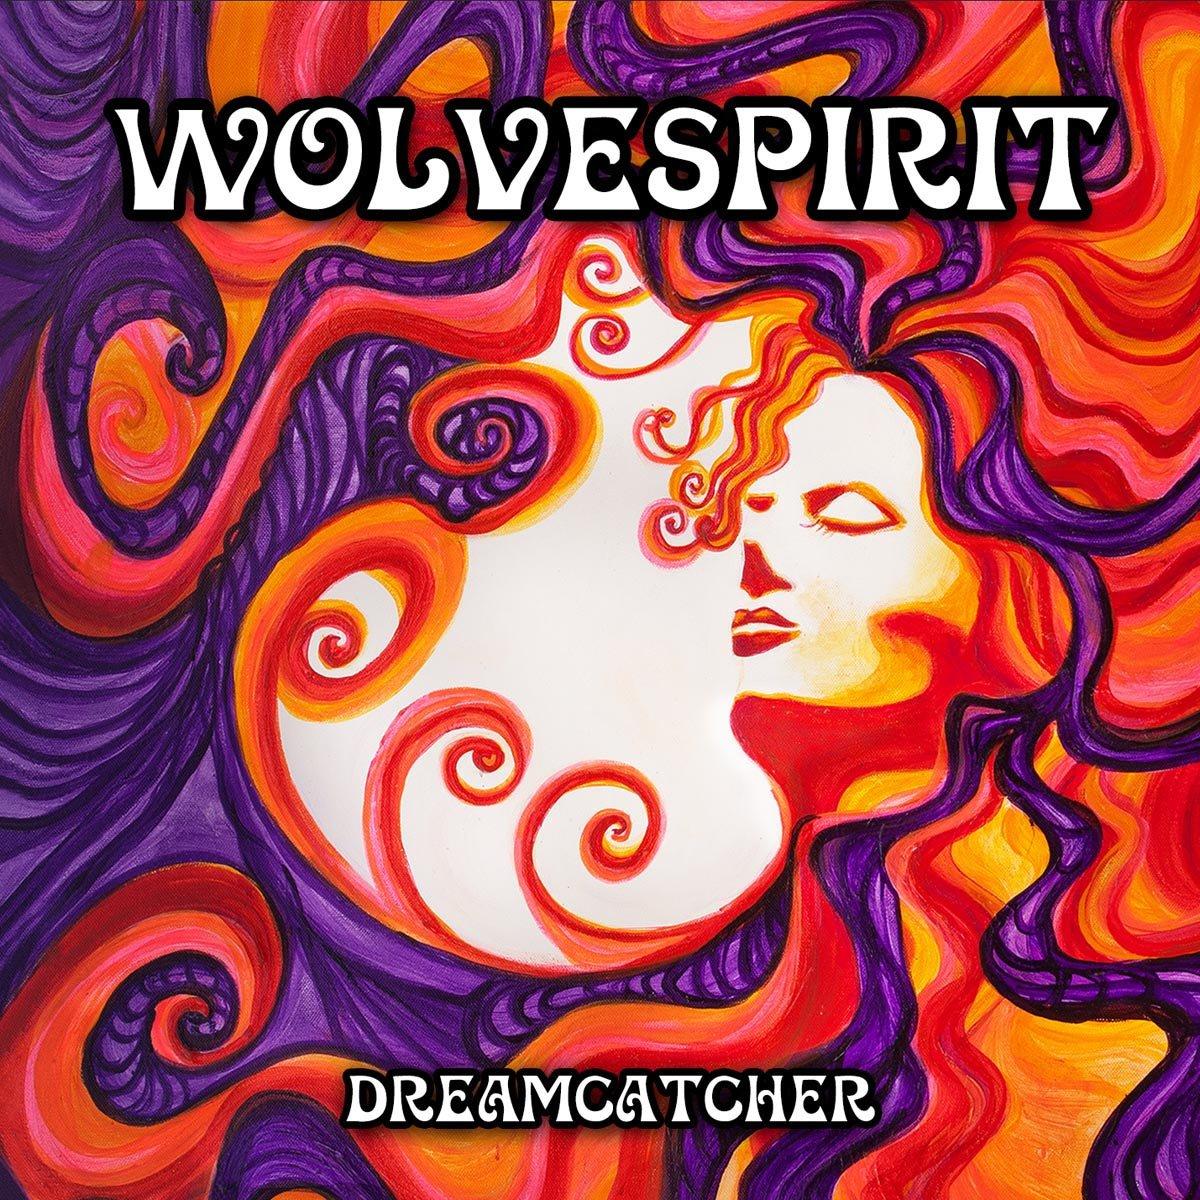 Wolvespirit - Dreamcatcher (2015) [FLAC] Download